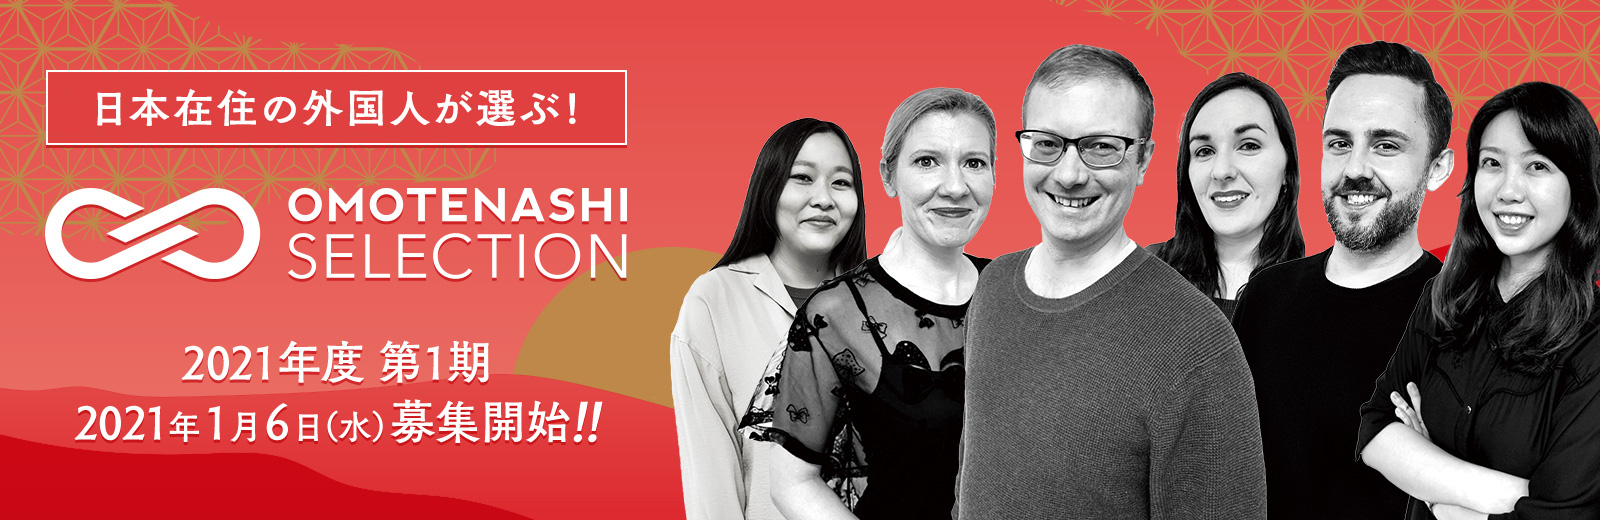 「OMOTENASHI Selection」2020年度 第2期の募集がスタート!